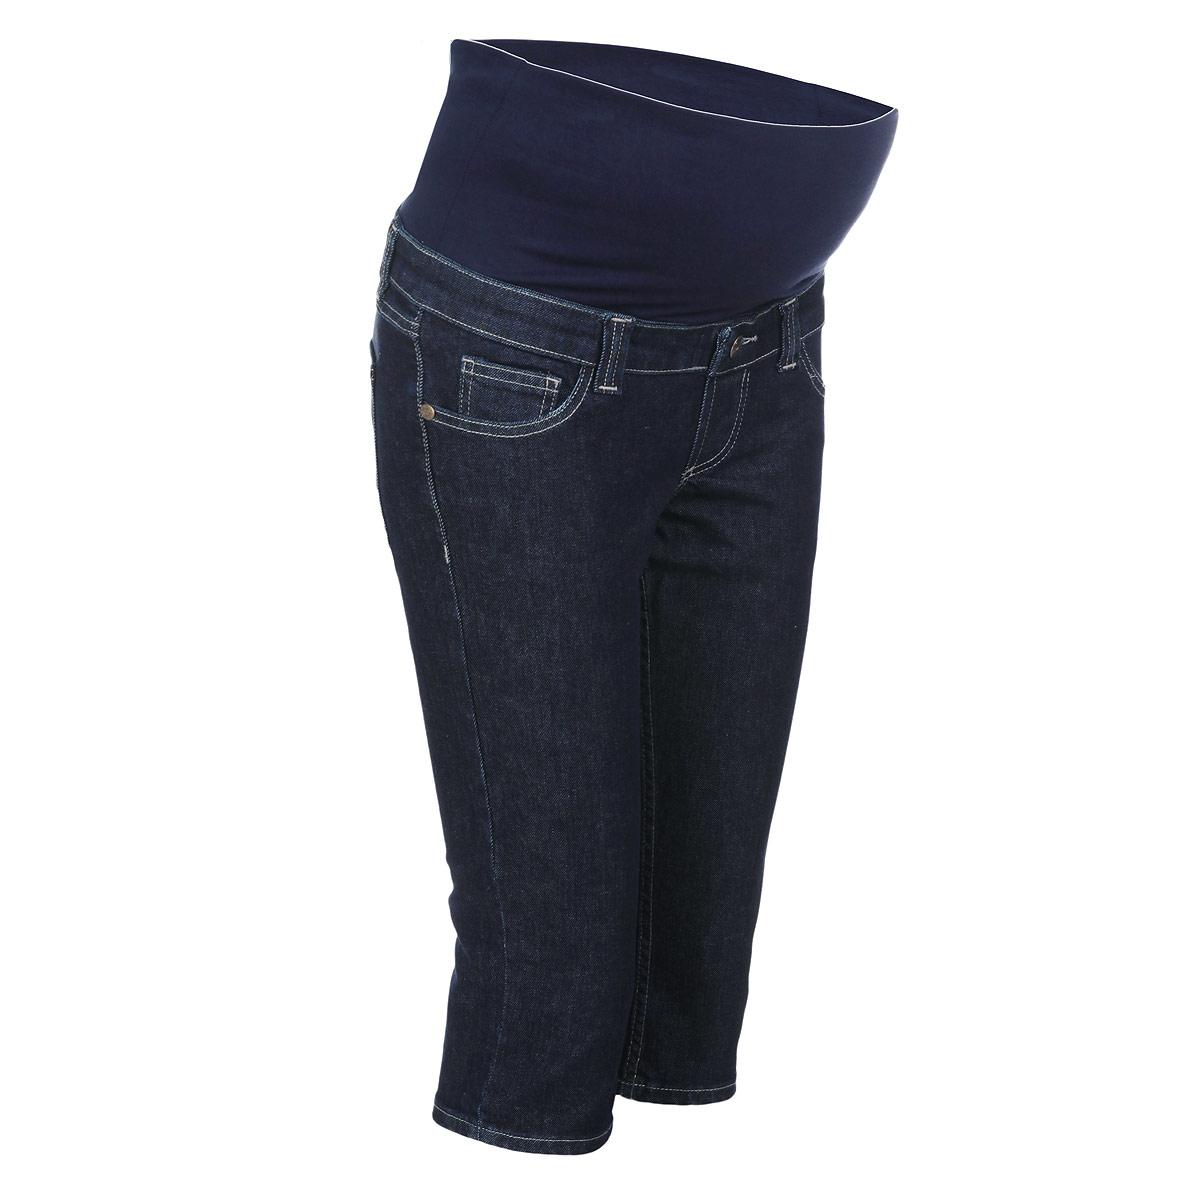 5312.11Очень удобные джинсовые бриджи для беременных Nuova Vita с бандажом на живот, изготовленные из плотного хлопка, придают женщине элегантность и индивидуальность. Бриджи прямого покроя имеют классический пятикарманный крой: спереди - два втачных кармашка и один маленький накладной, а сзади - два накладных кармана. Имеется имитация ширинки. Бандаж из стрейч-ткани поддерживает живот и уменьшает нагрузку на поясницу. В прохладную погоду бриджи прекрасно сочетаются со свитерами и кардиганами, длинными блузками или джемперами. Эта модель придется по душе даже самой капризной женщине.